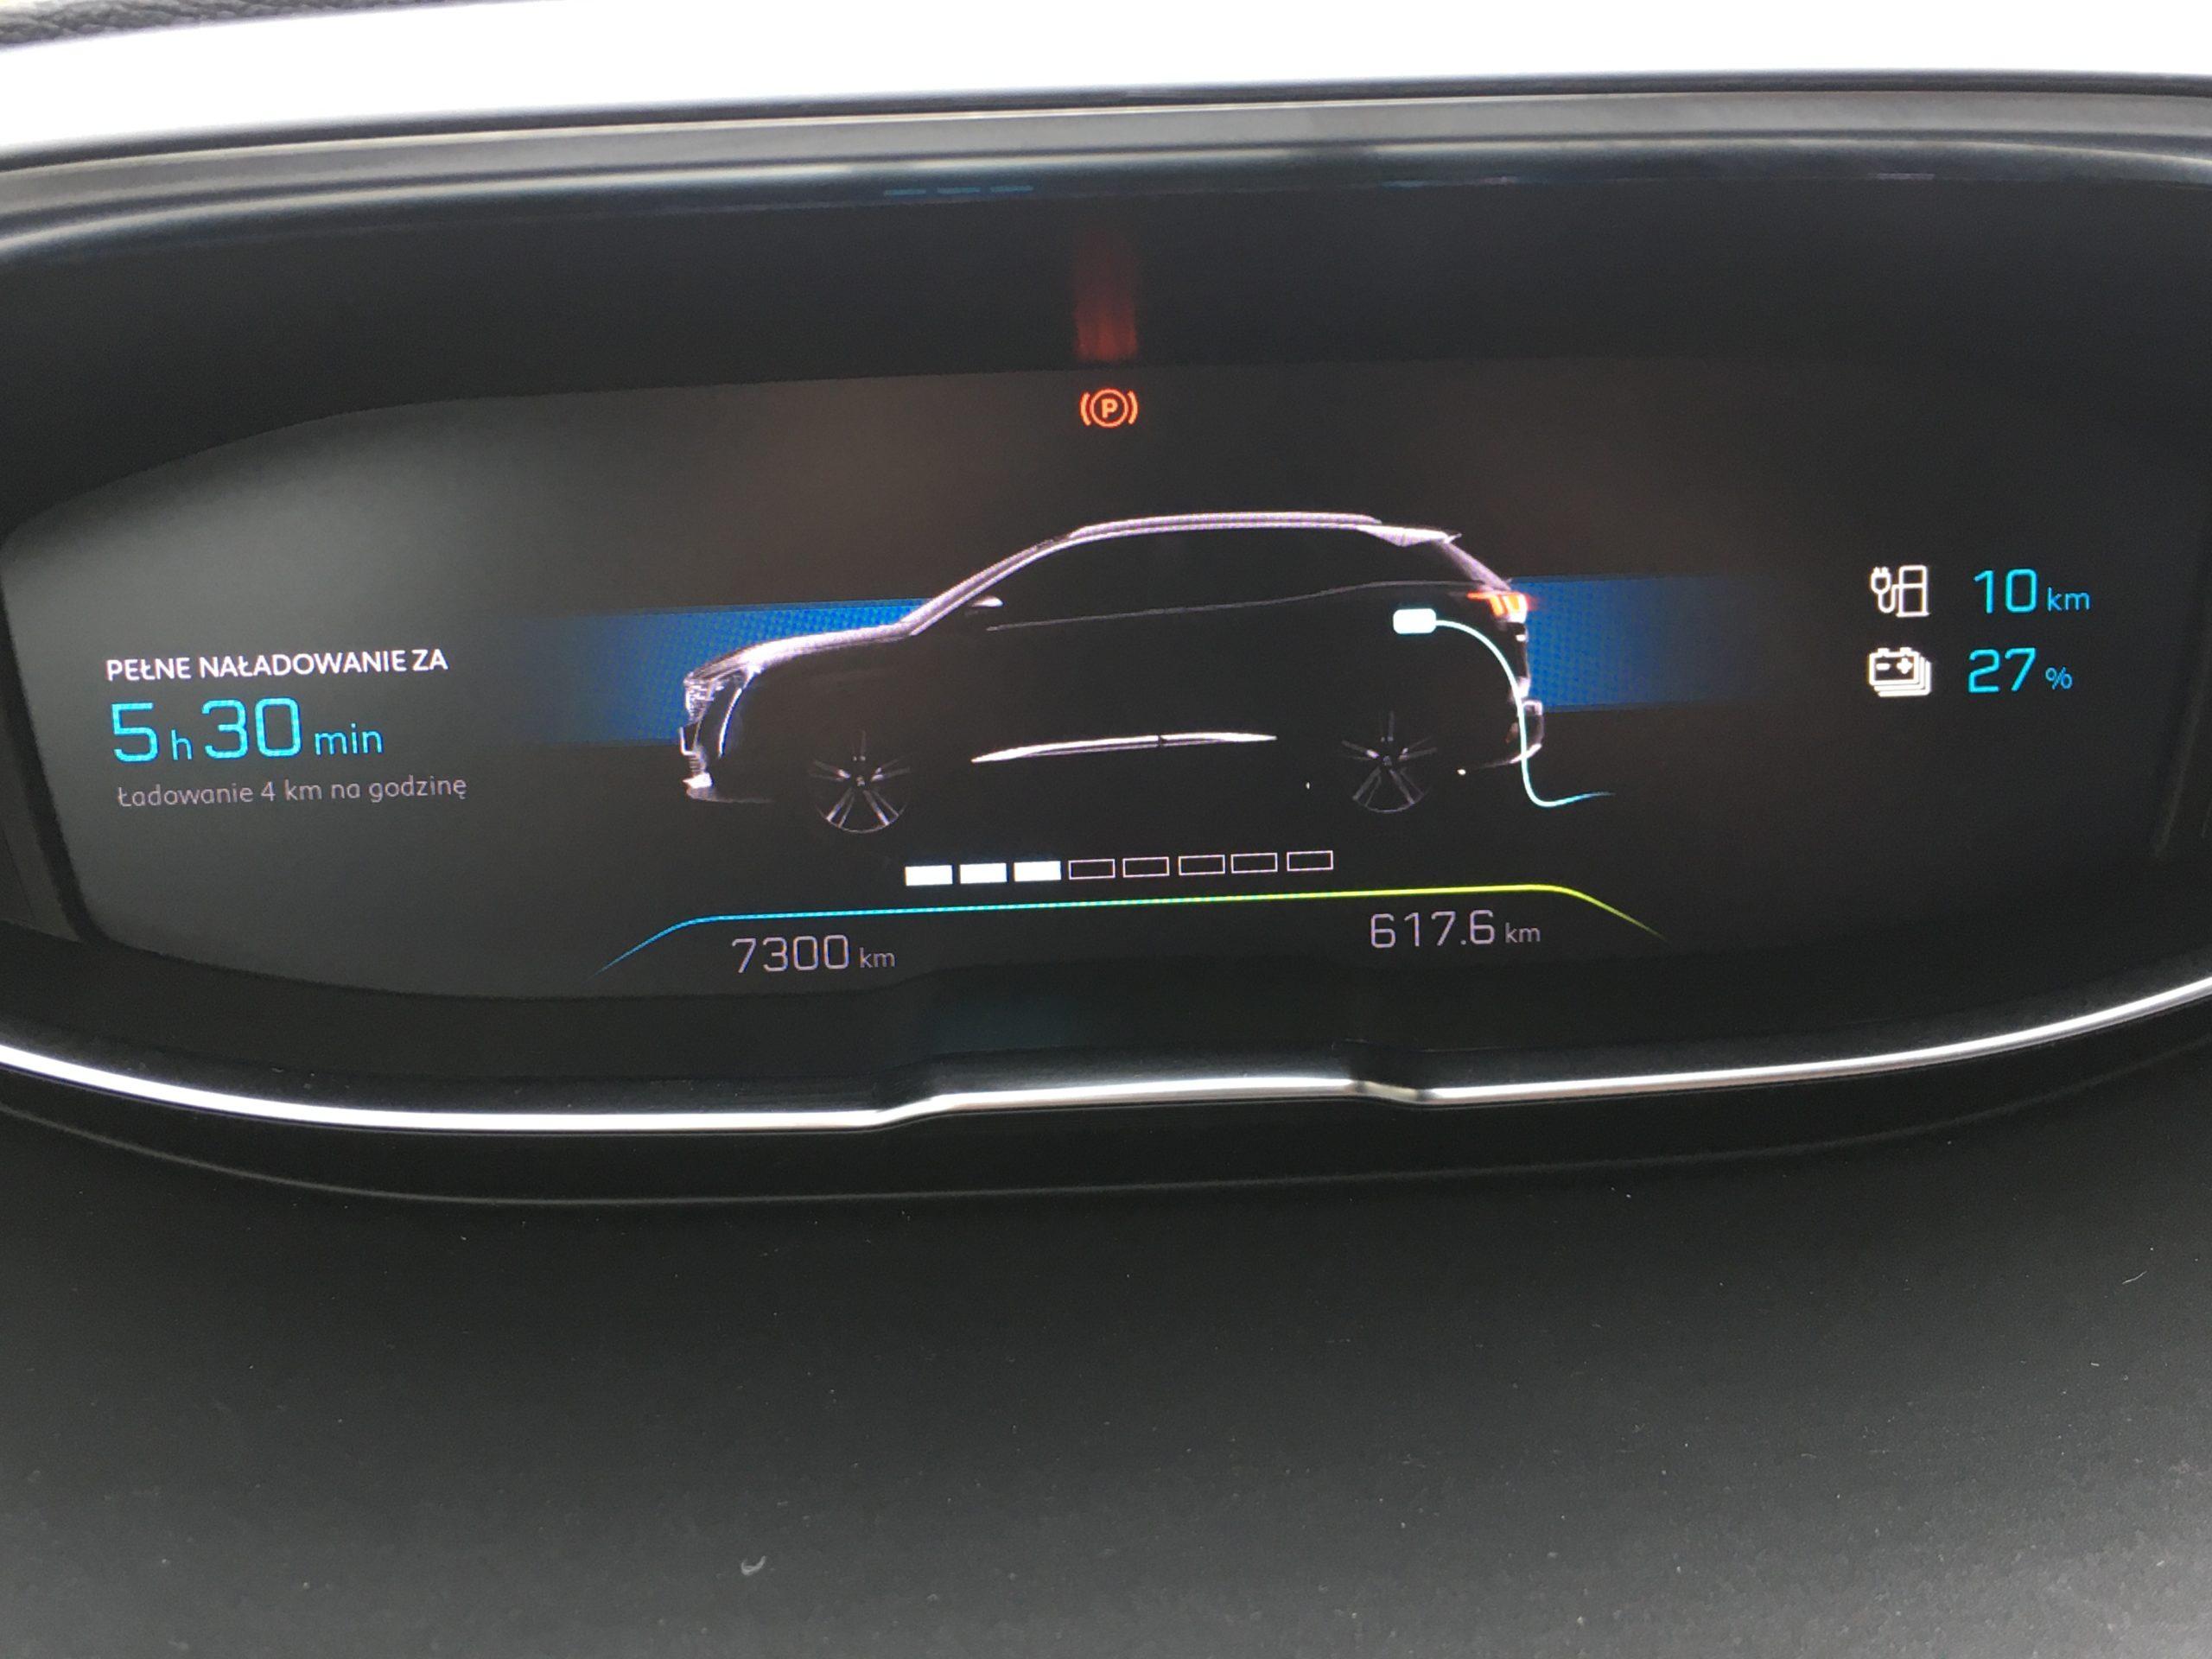 Peugeot 3008 GT Pack HYbrid4 wzorowo pokazuje parametry ładowania